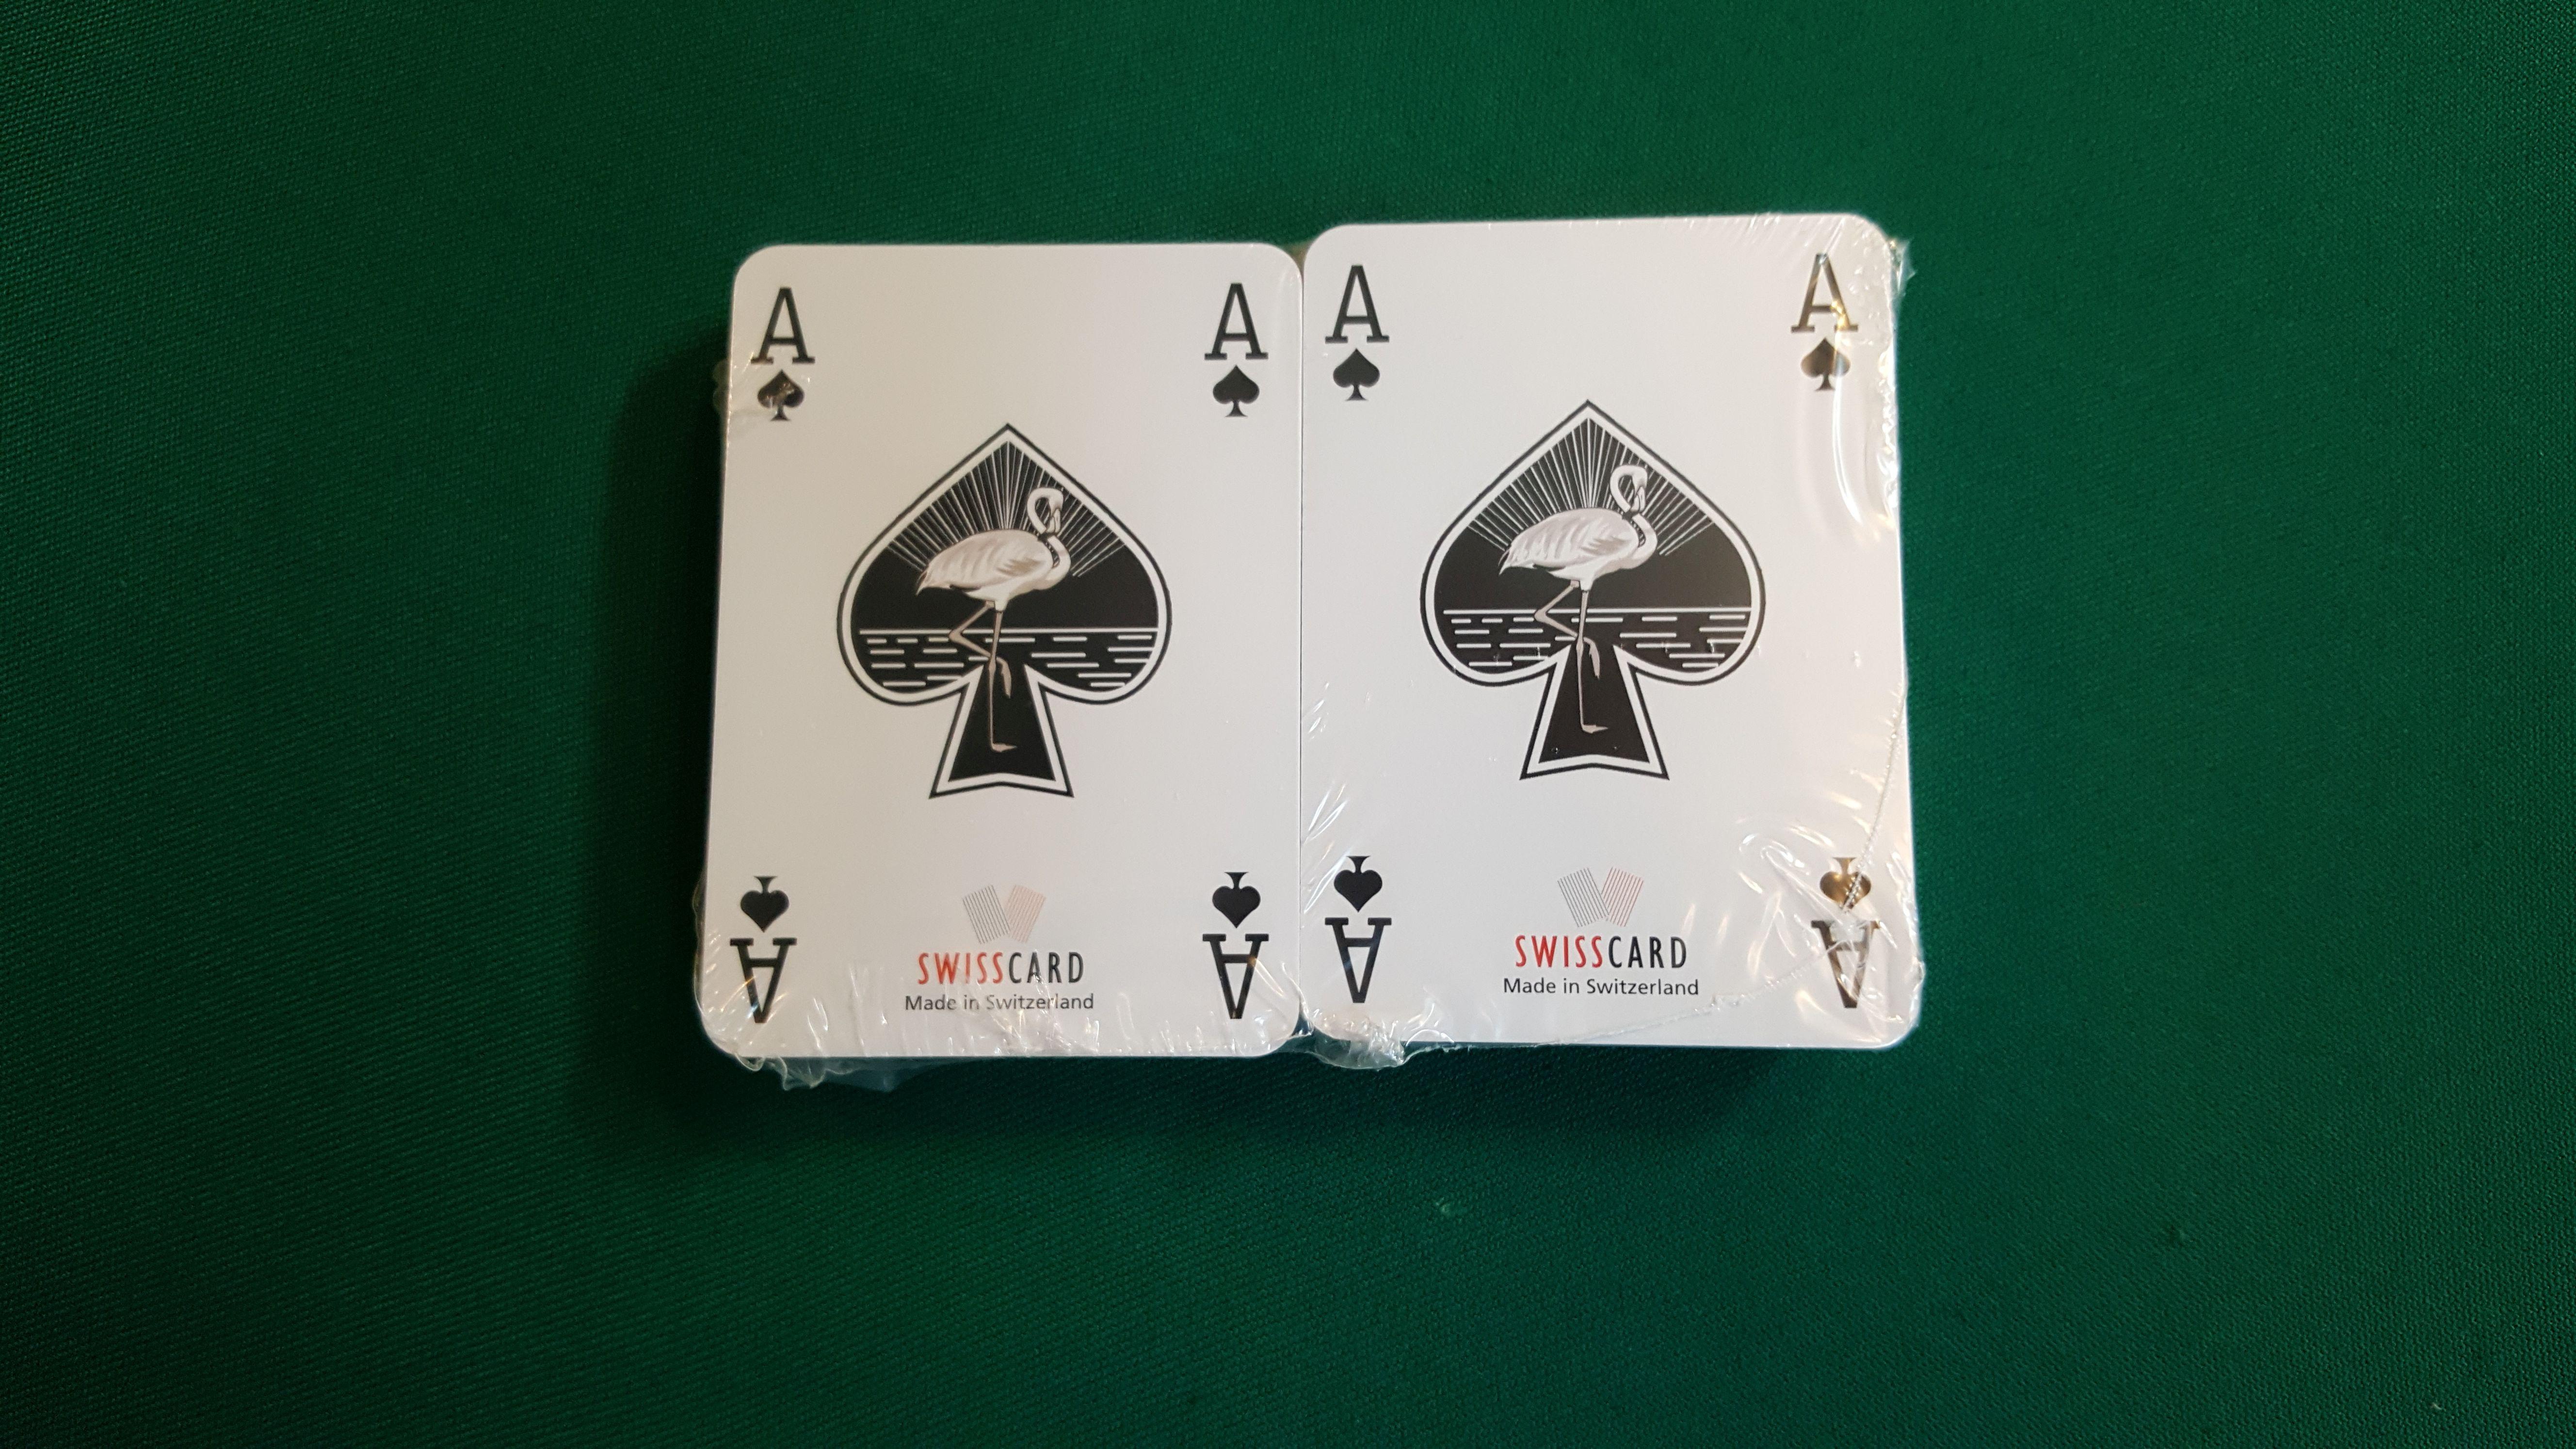 Doppelpack Pokerkarten Swisscard 4 Eckzeichen Pokerindex rot/blau